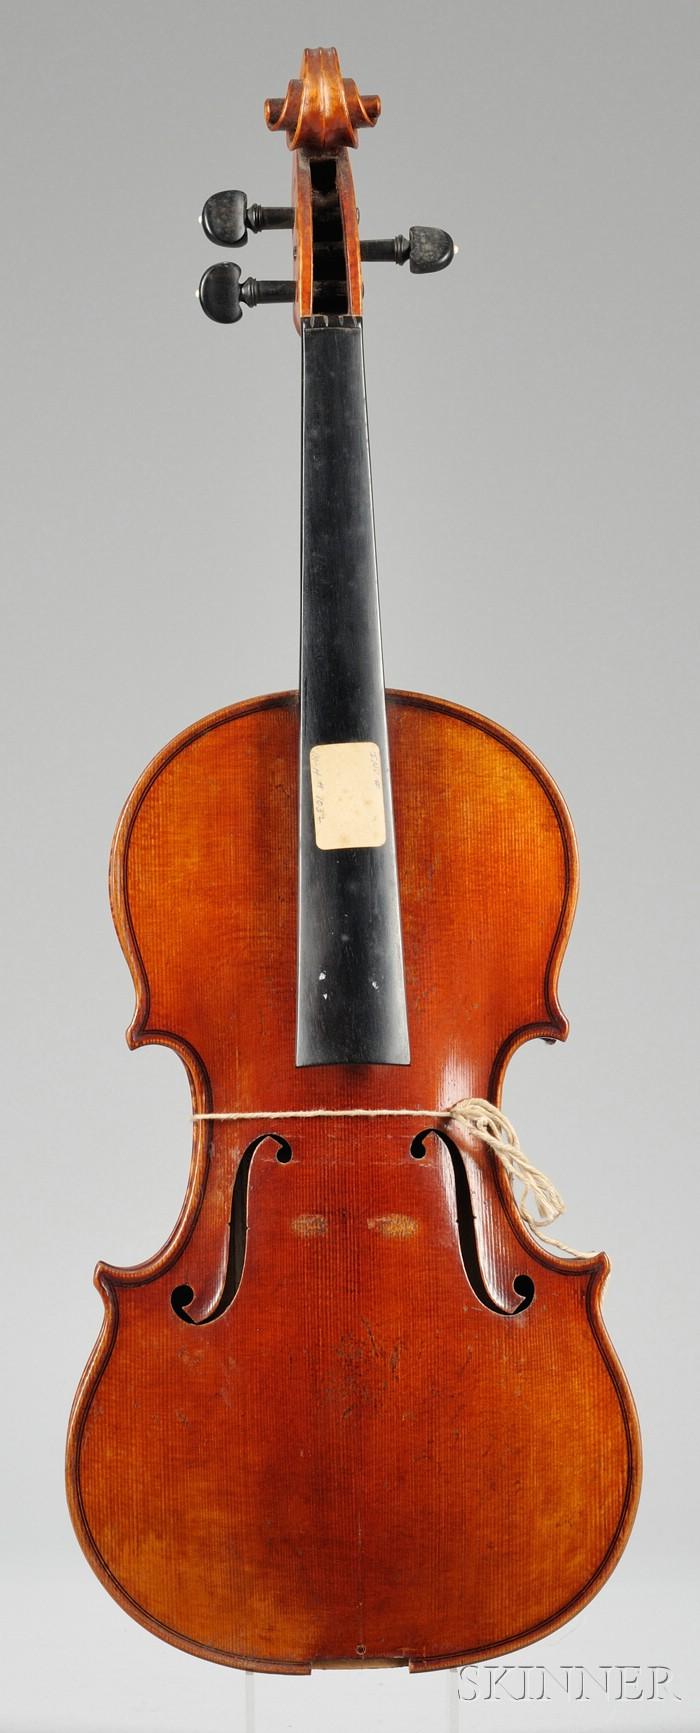 Markneukirchen Violin, Wilhelm Durrschmidt, c. 1950